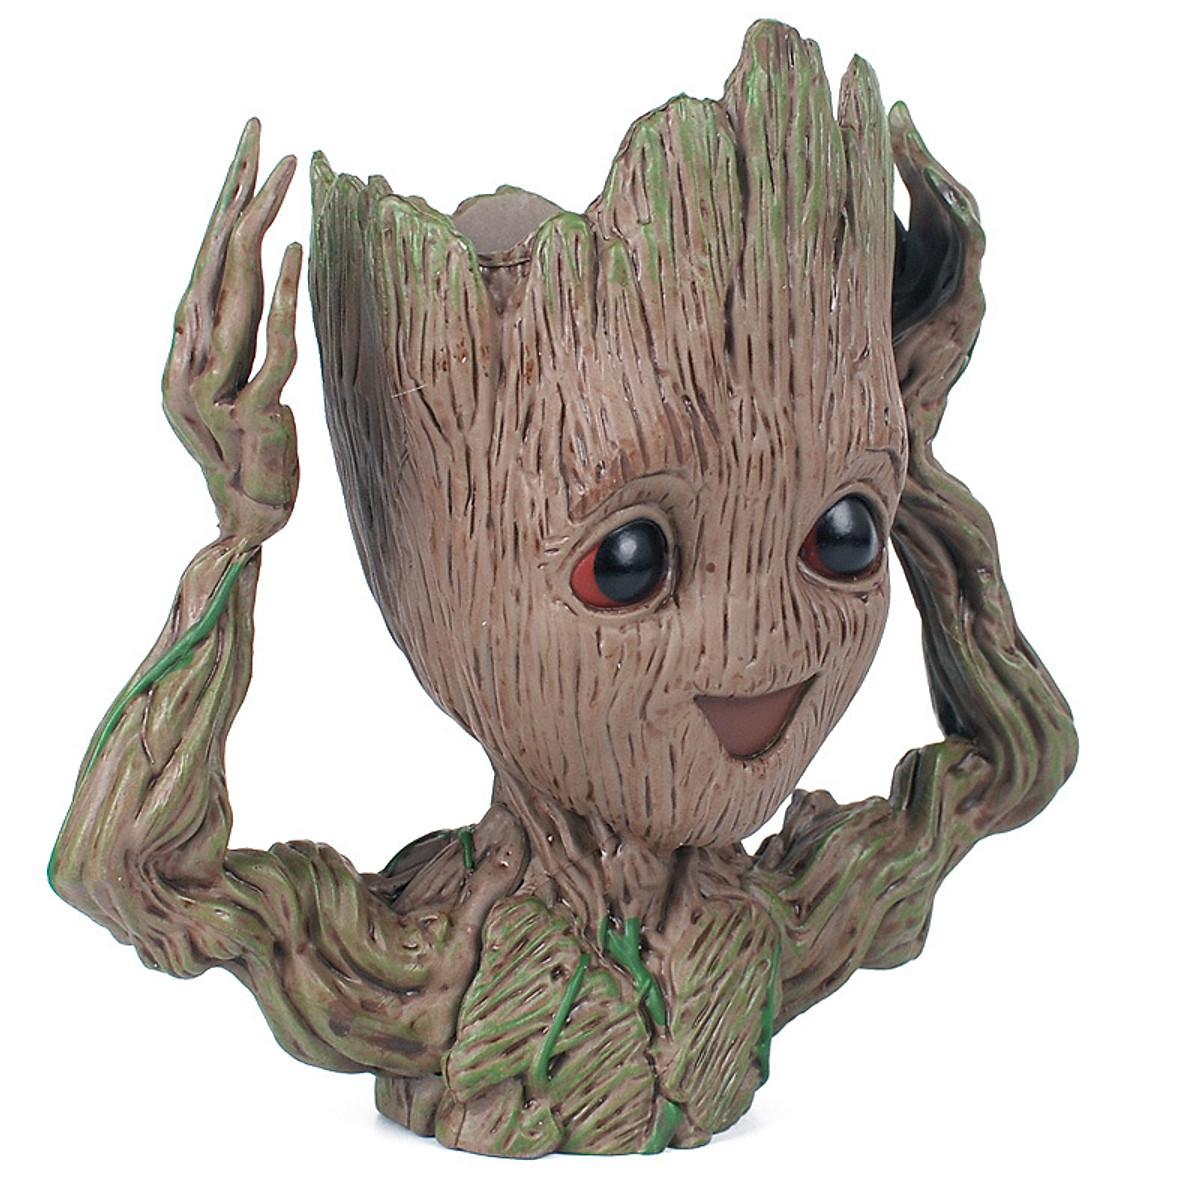 Ống Cắm Bút Groot Vui Vẻ - 1